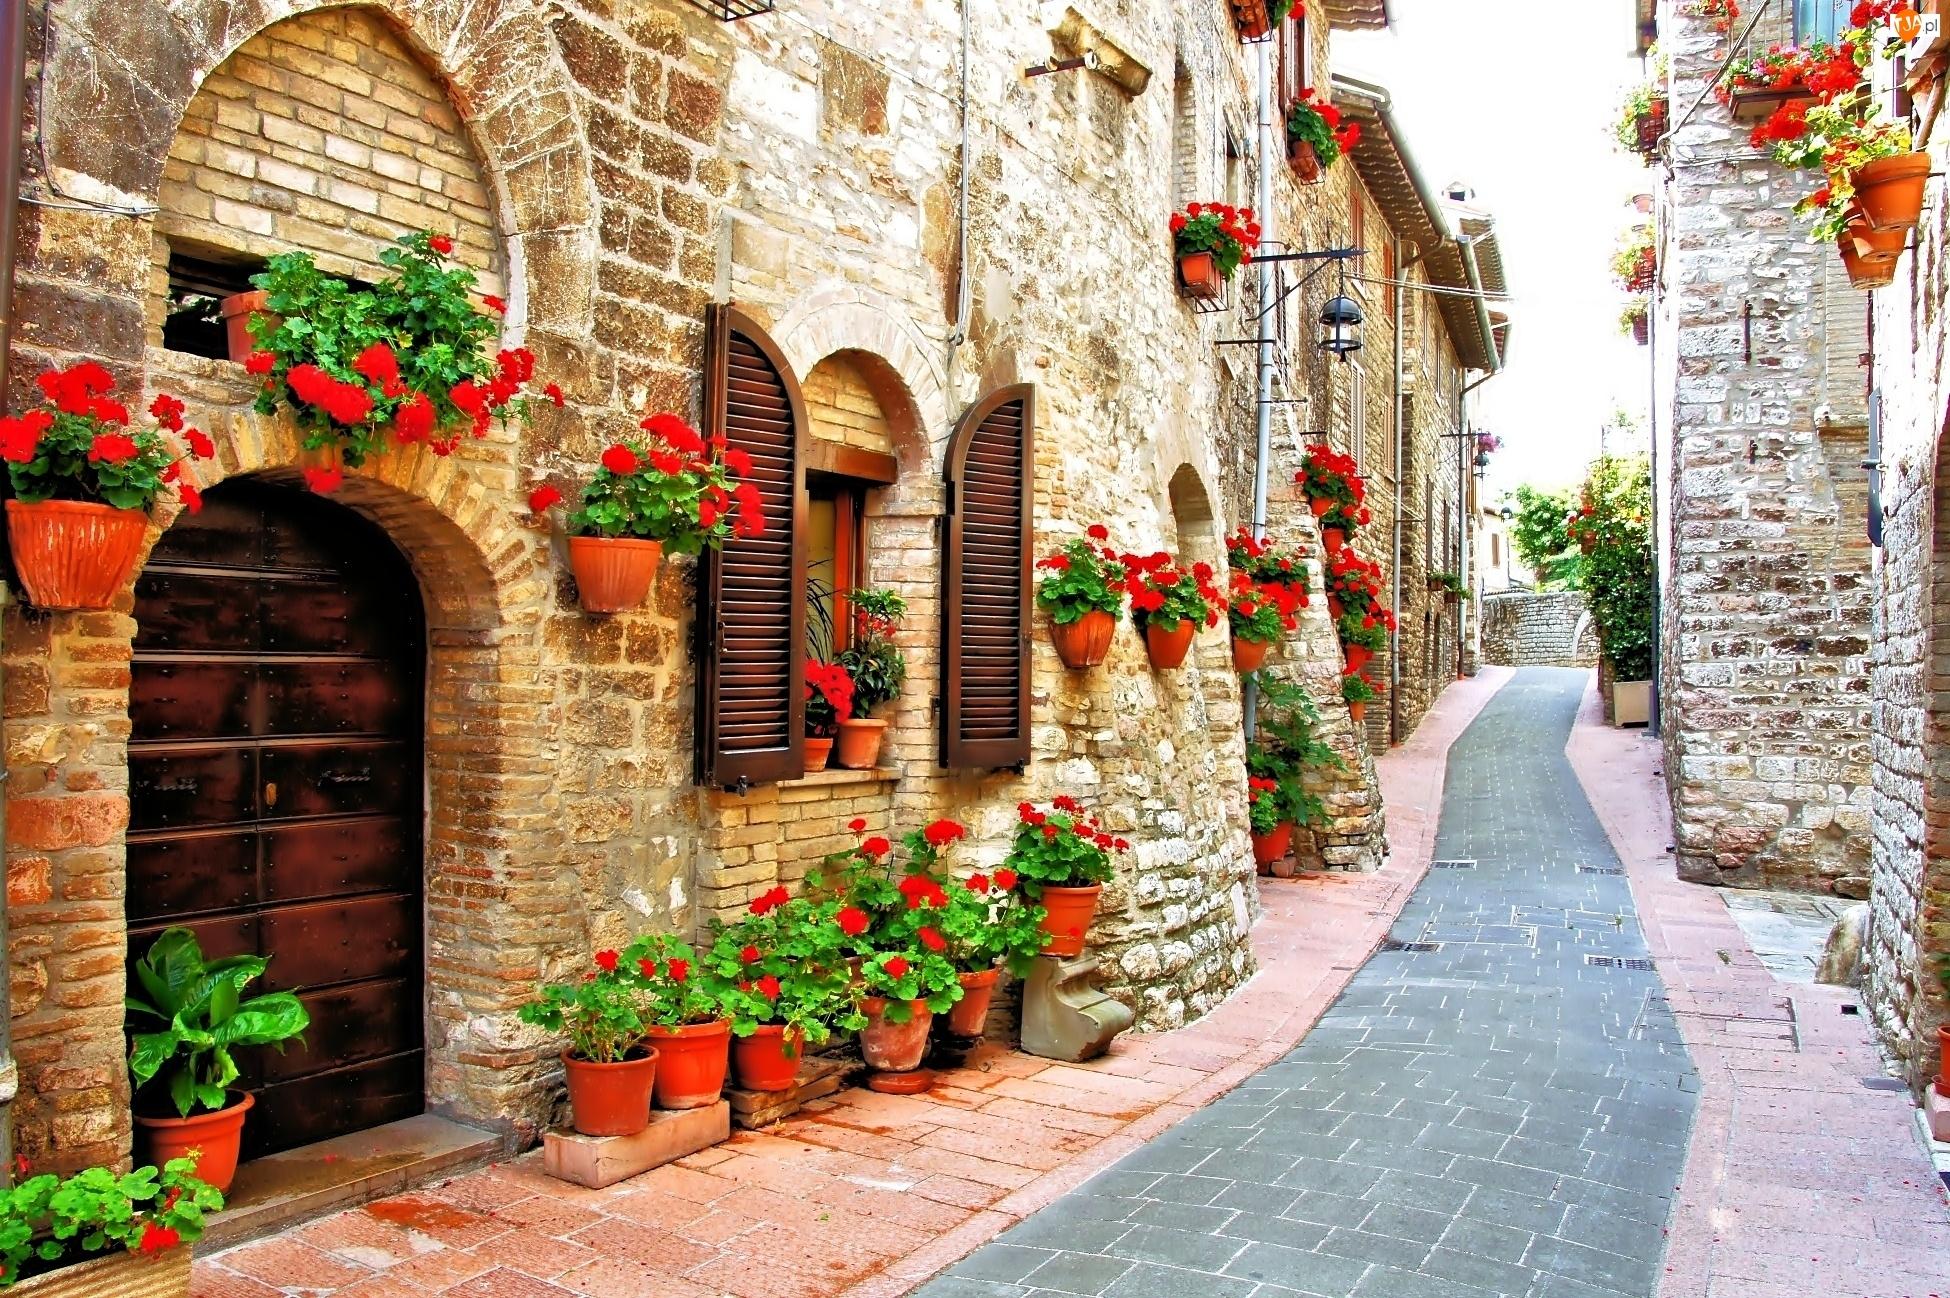 Domy, Włochy, Ulica, Kwiaty